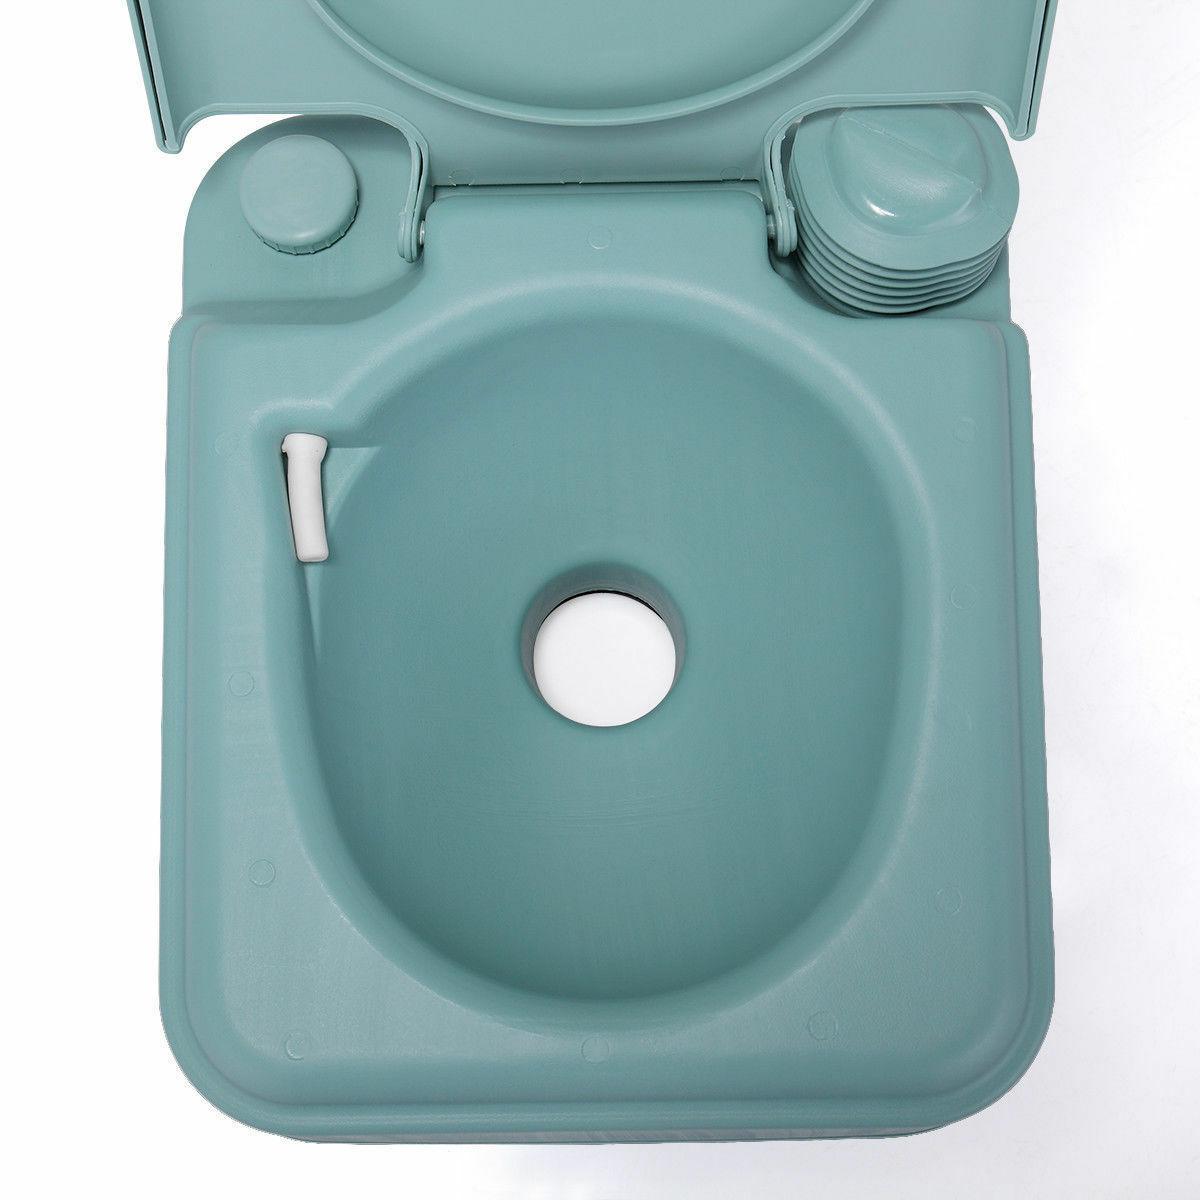 Green Toilet Flush Commode